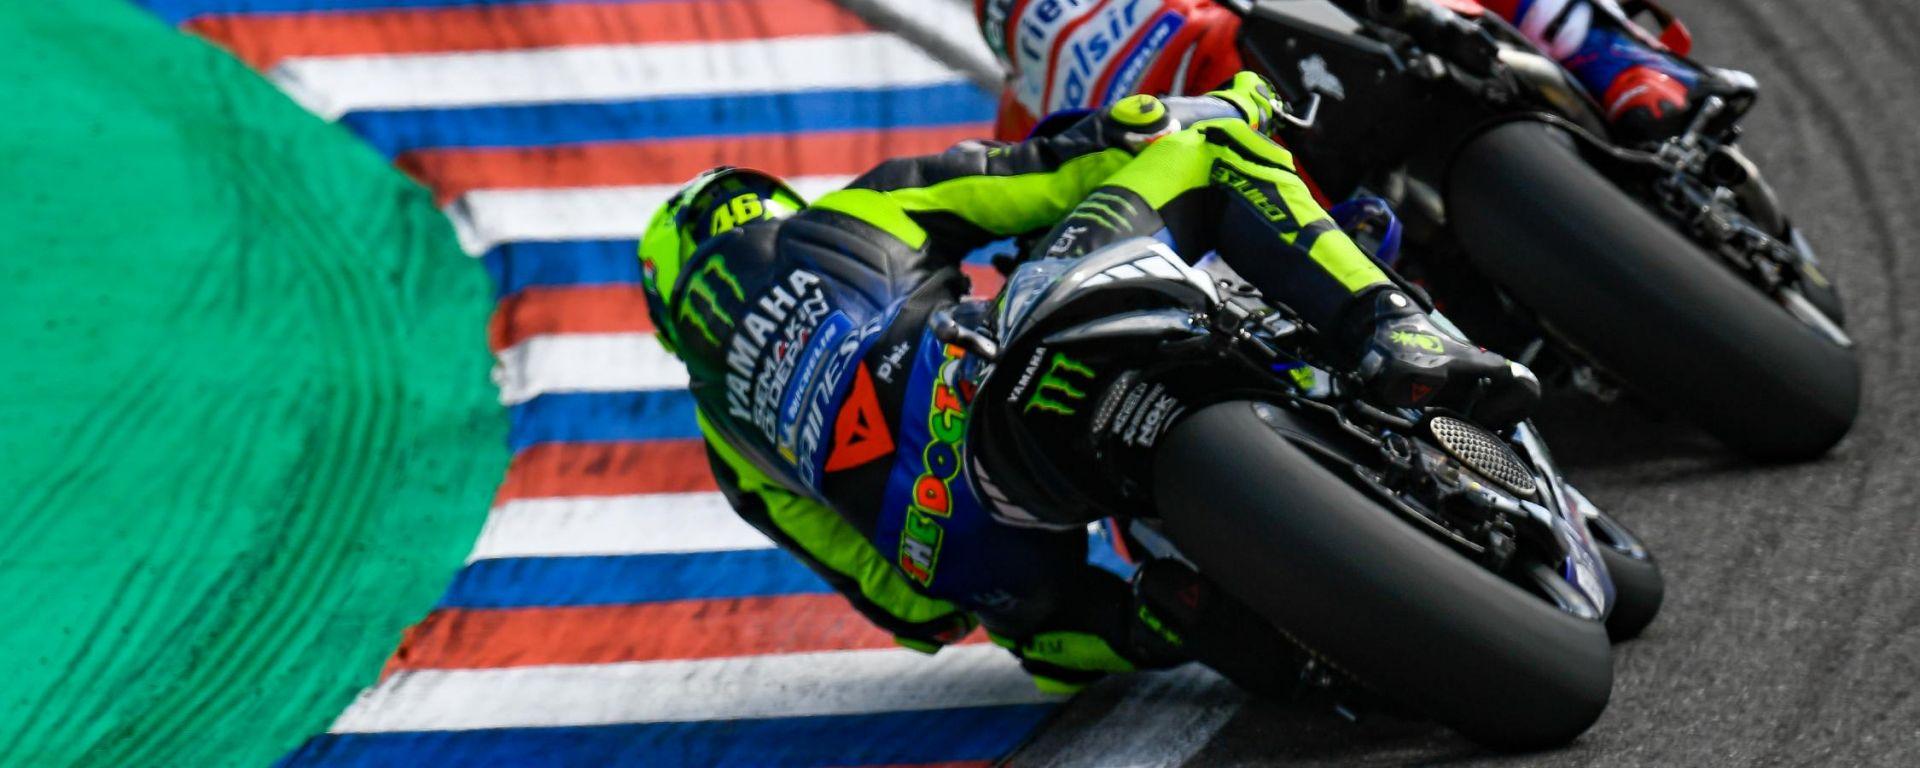 MotoGP Francia, Rossi e Dovizioso fiduciosi per Le Mans